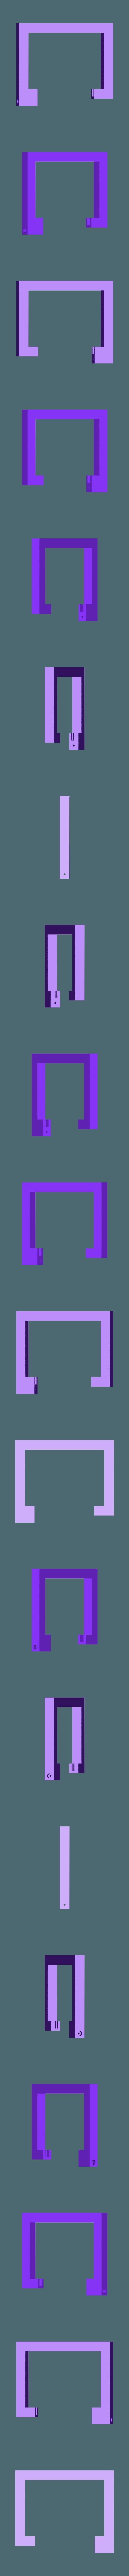 Shelf_Hanging_Spool_Holder_v1.5.stl Download free STL file Suspended Filament Spool Holder • 3D printing model, ibgeek